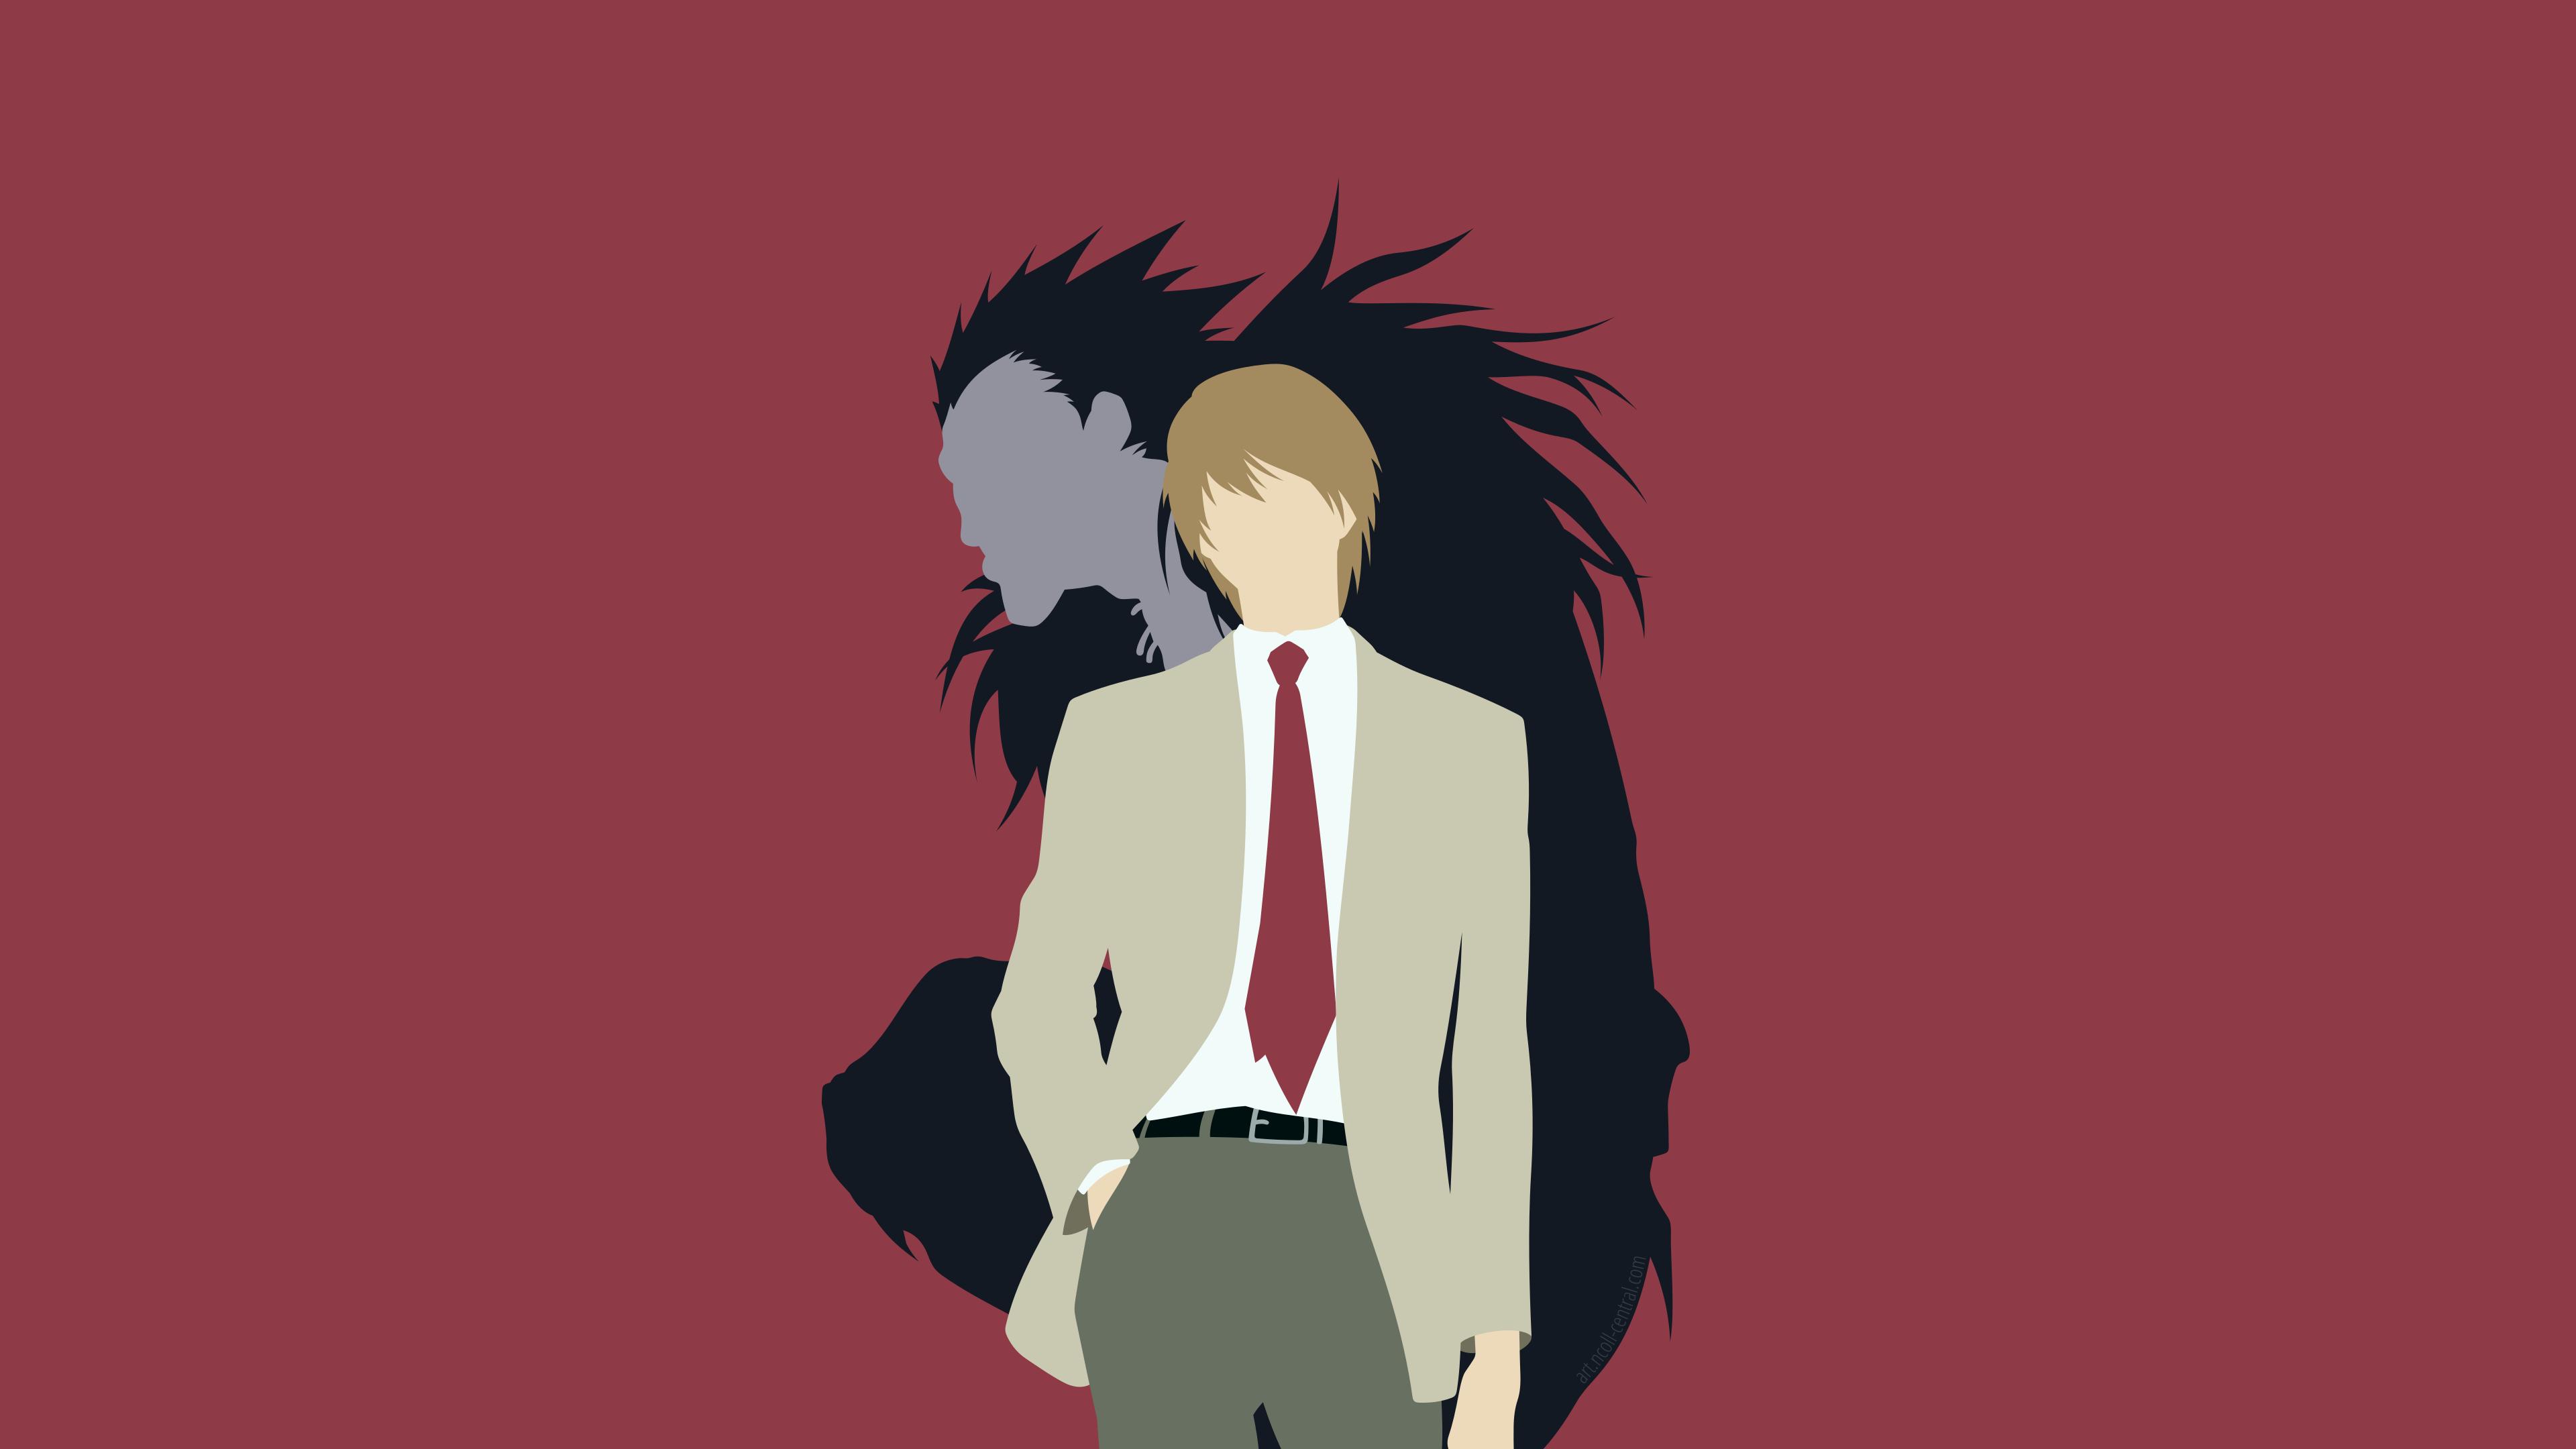 Death Note 4k Ultra Hd Wallpaper Hintergrund 3840x2160